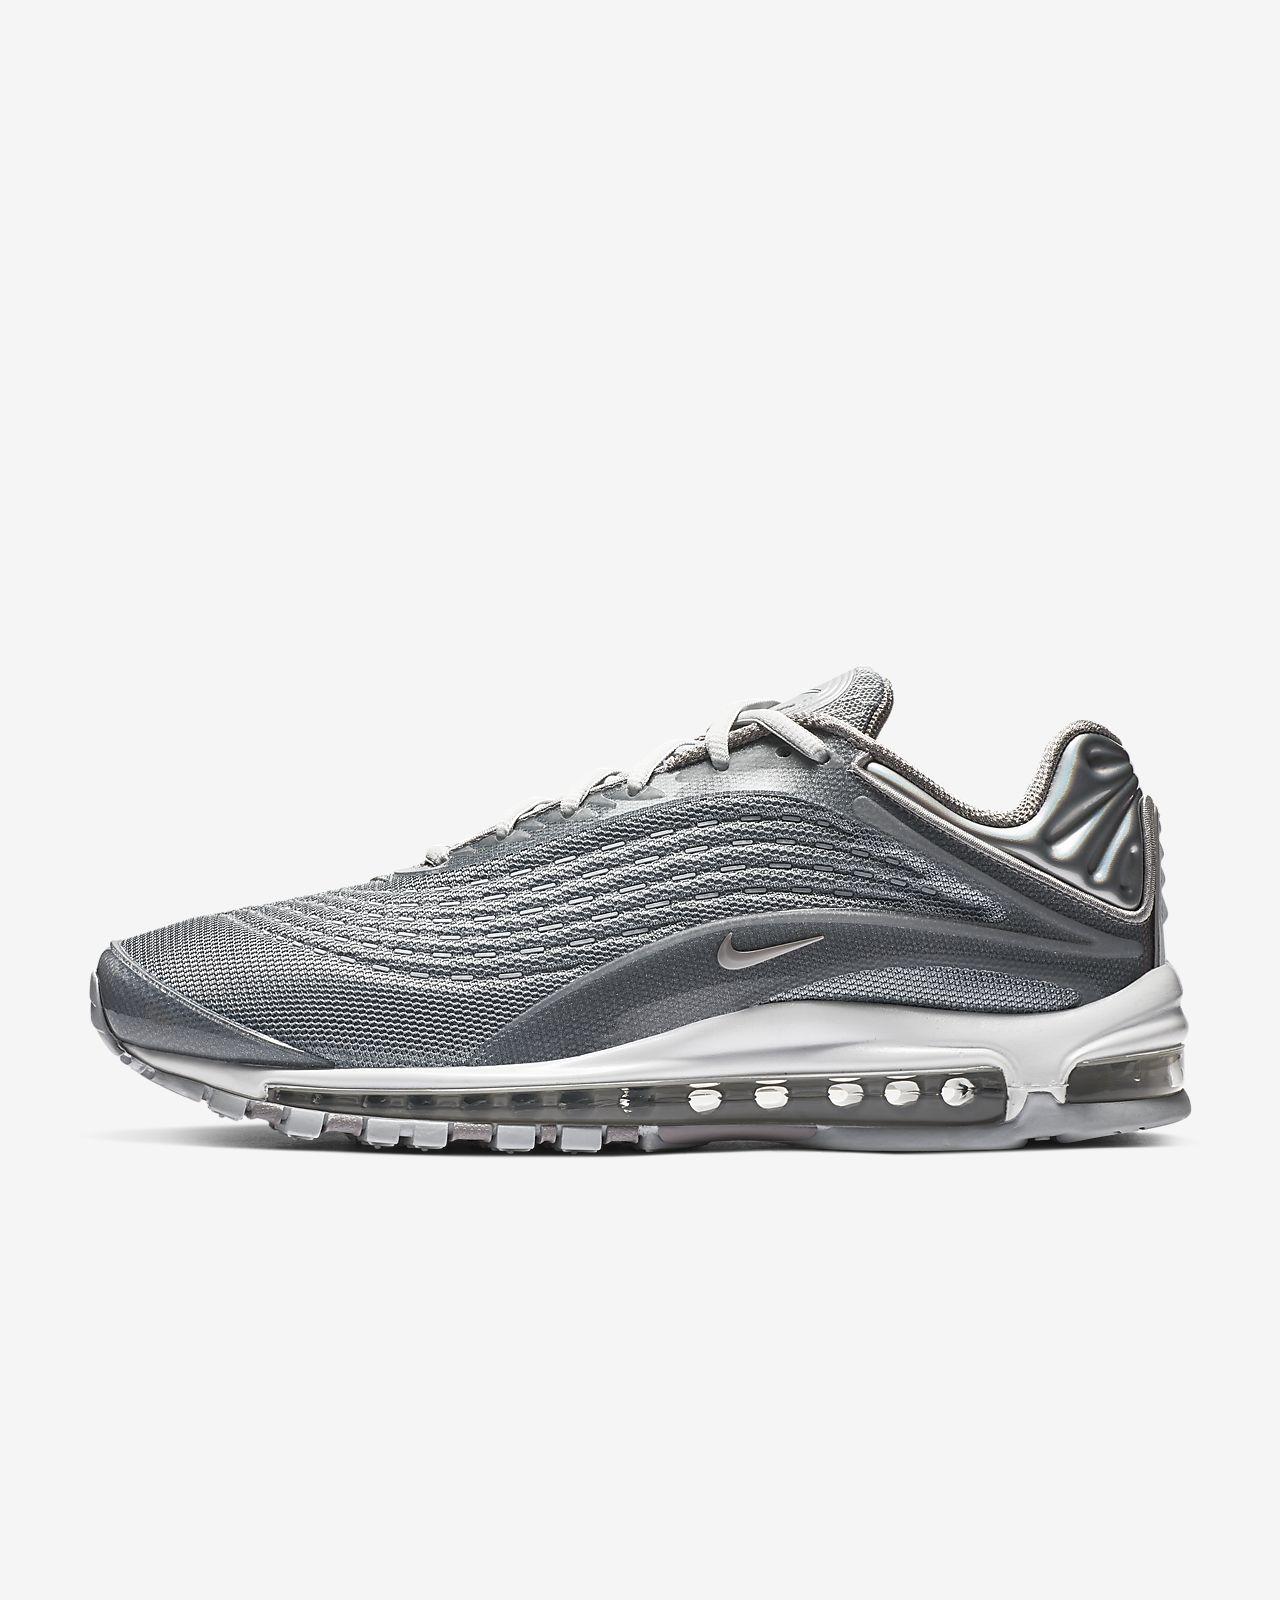 f0e1178d1da5 Nike Air Max Deluxe Men s Shoe. Nike.com IL